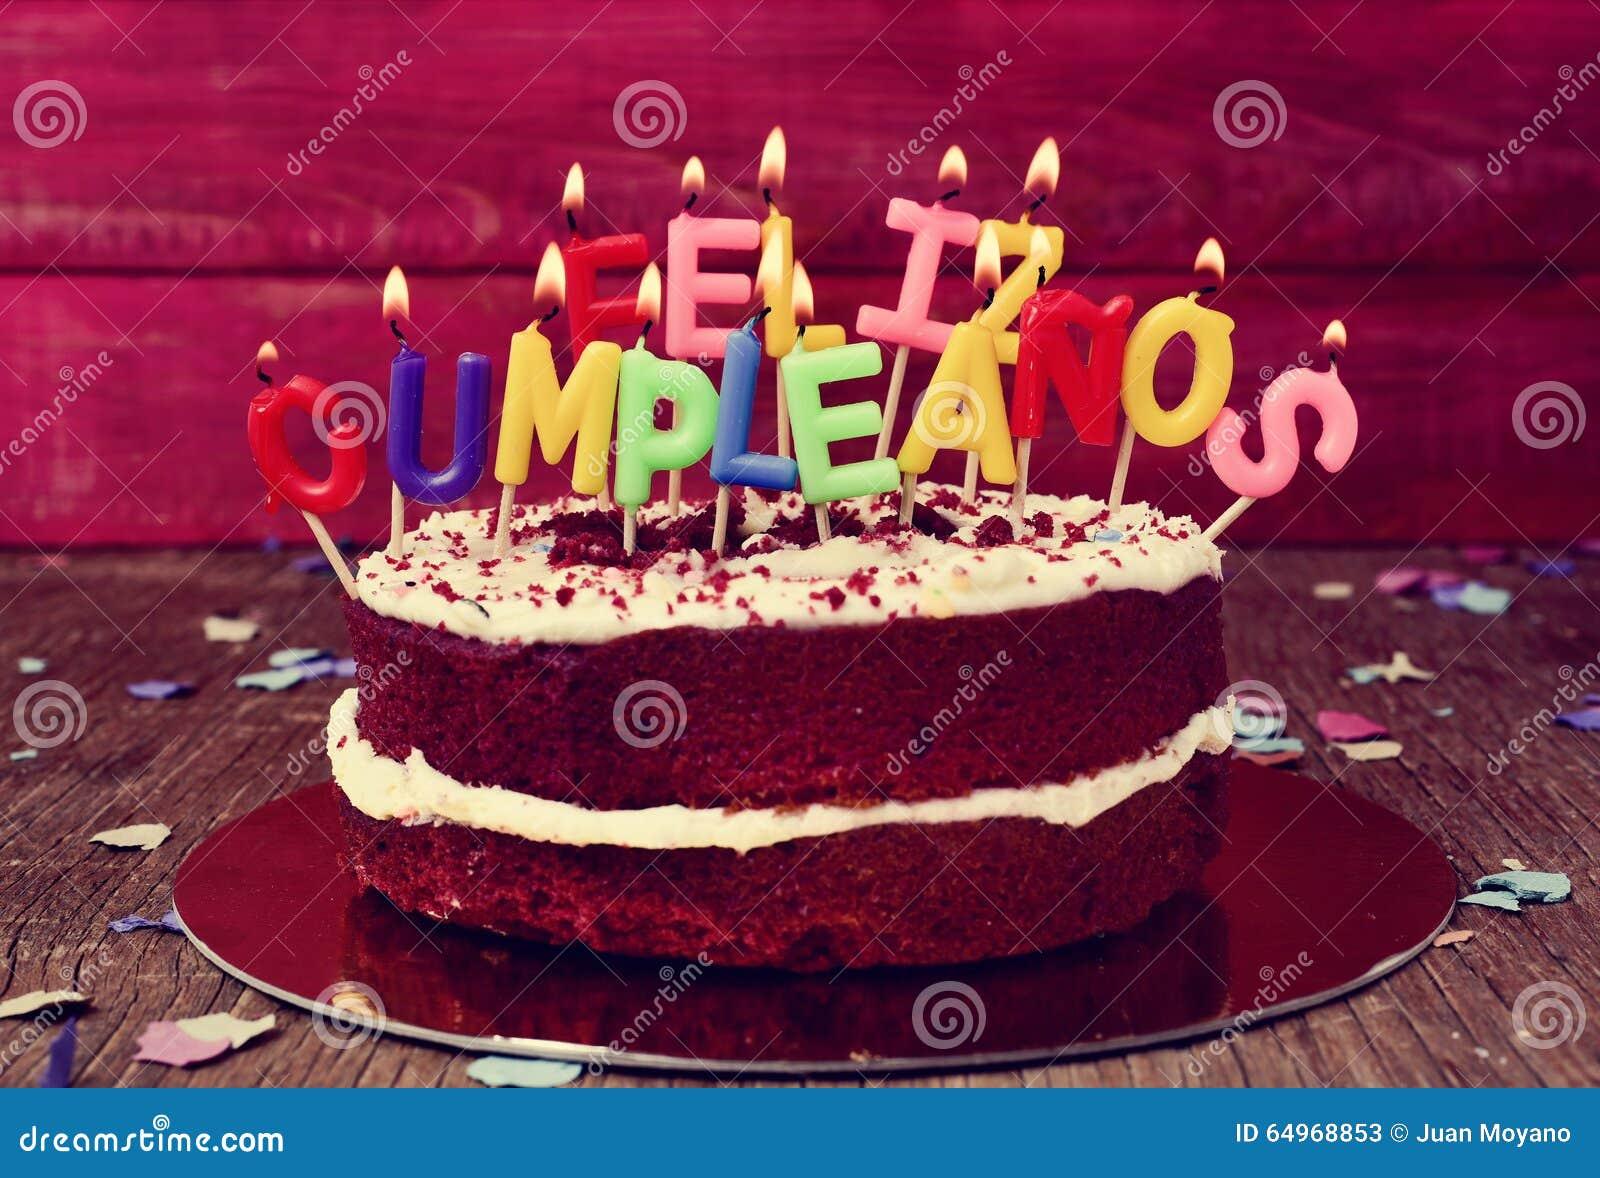 Feliz Cumpleanos Happy Birthday In Spanish Stock Photo 64968853